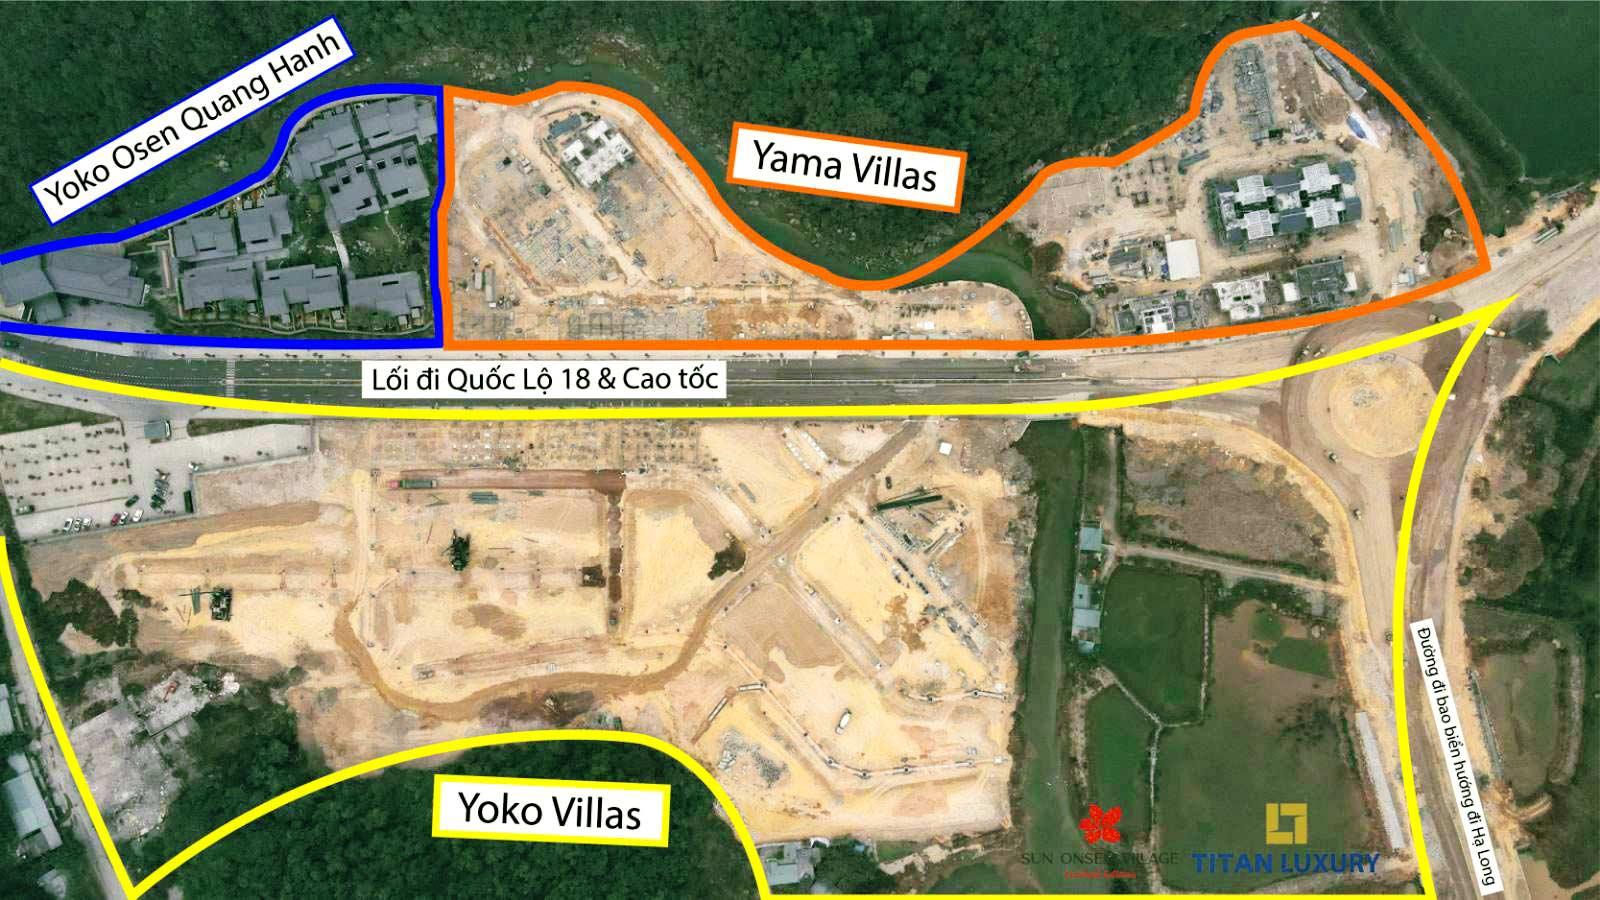 Tính đến tháng 1/2021 dự án Sun Onssen Village Limited Edition đã có 10 căn biệt thự cất nóc